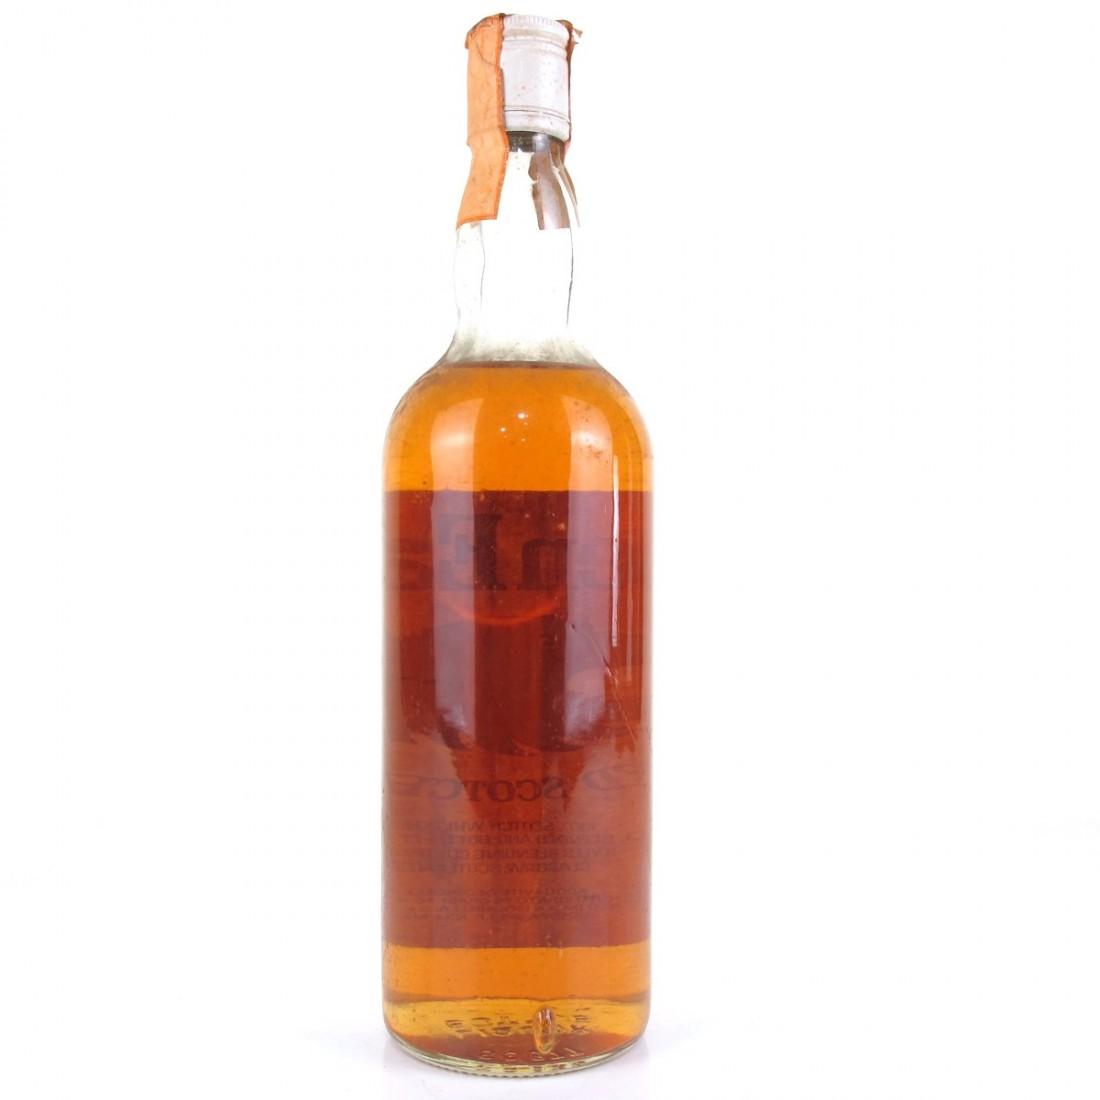 Glen Eagle Scotch Whisky 1980s